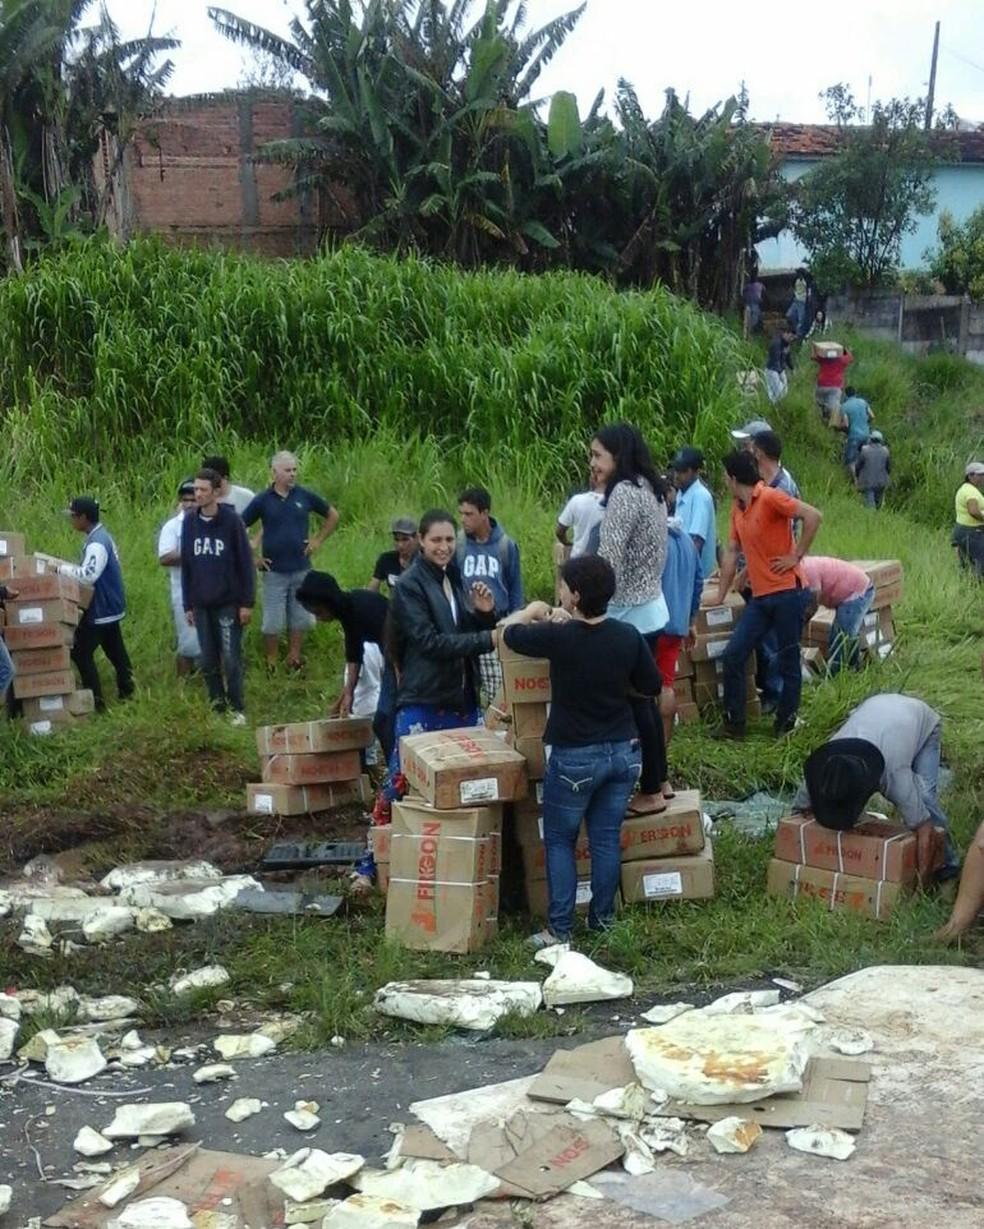 A polícia foi acionada, mas não conseguiu impedir o saque da carga devido à quantidade de pessoas que estavam no local. (Foto: Polícia Rodoviária Estadual/Divulgação)